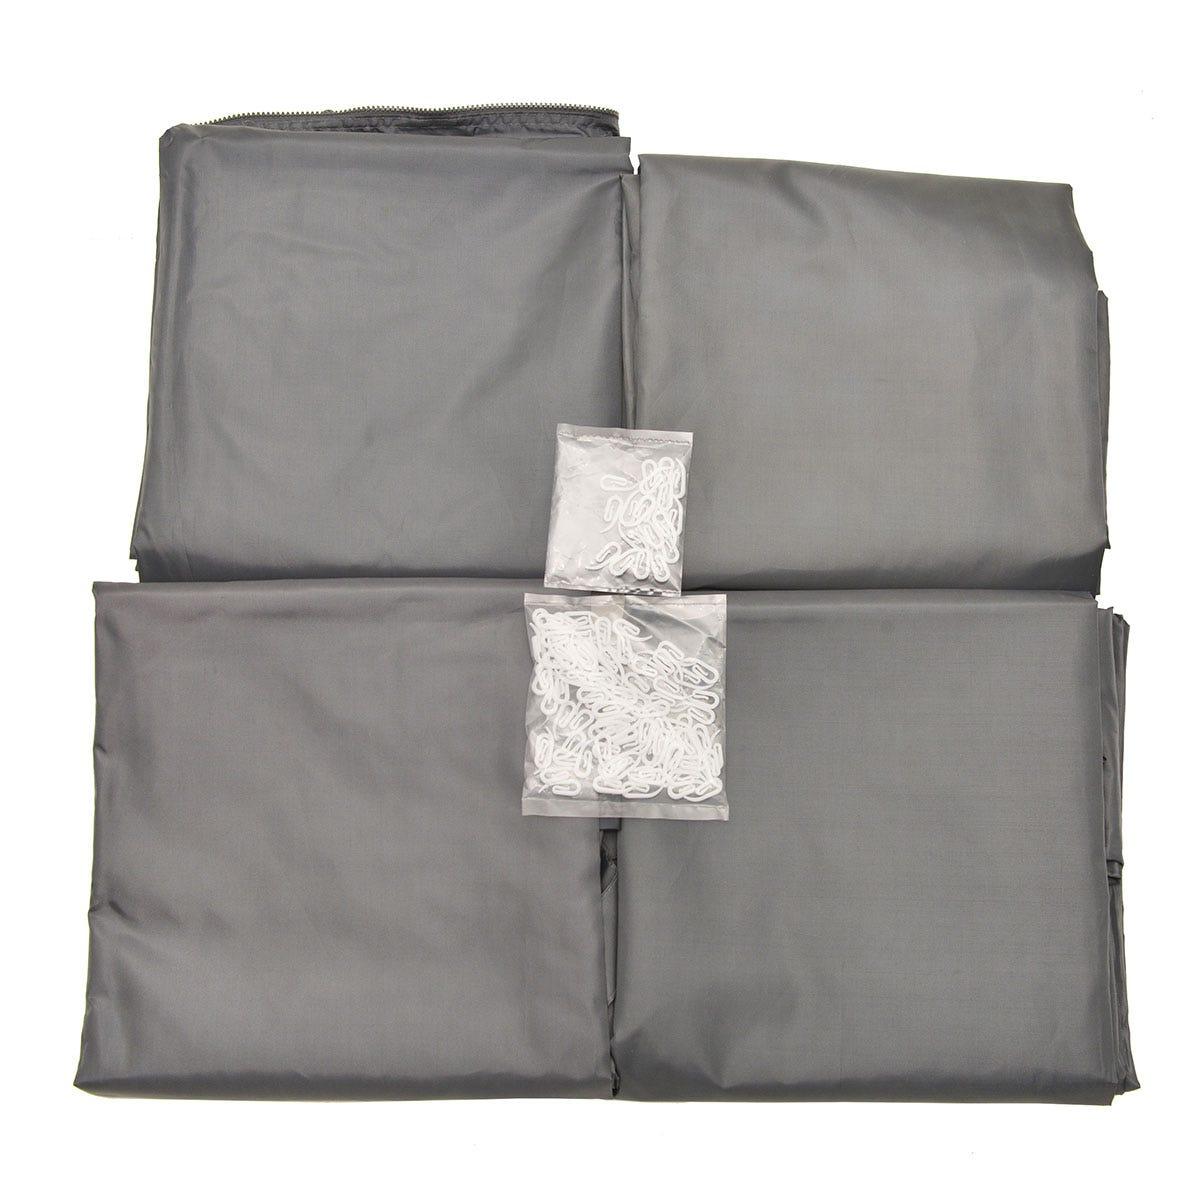 Palram Rectangular Gazebo Curtain Set - Black